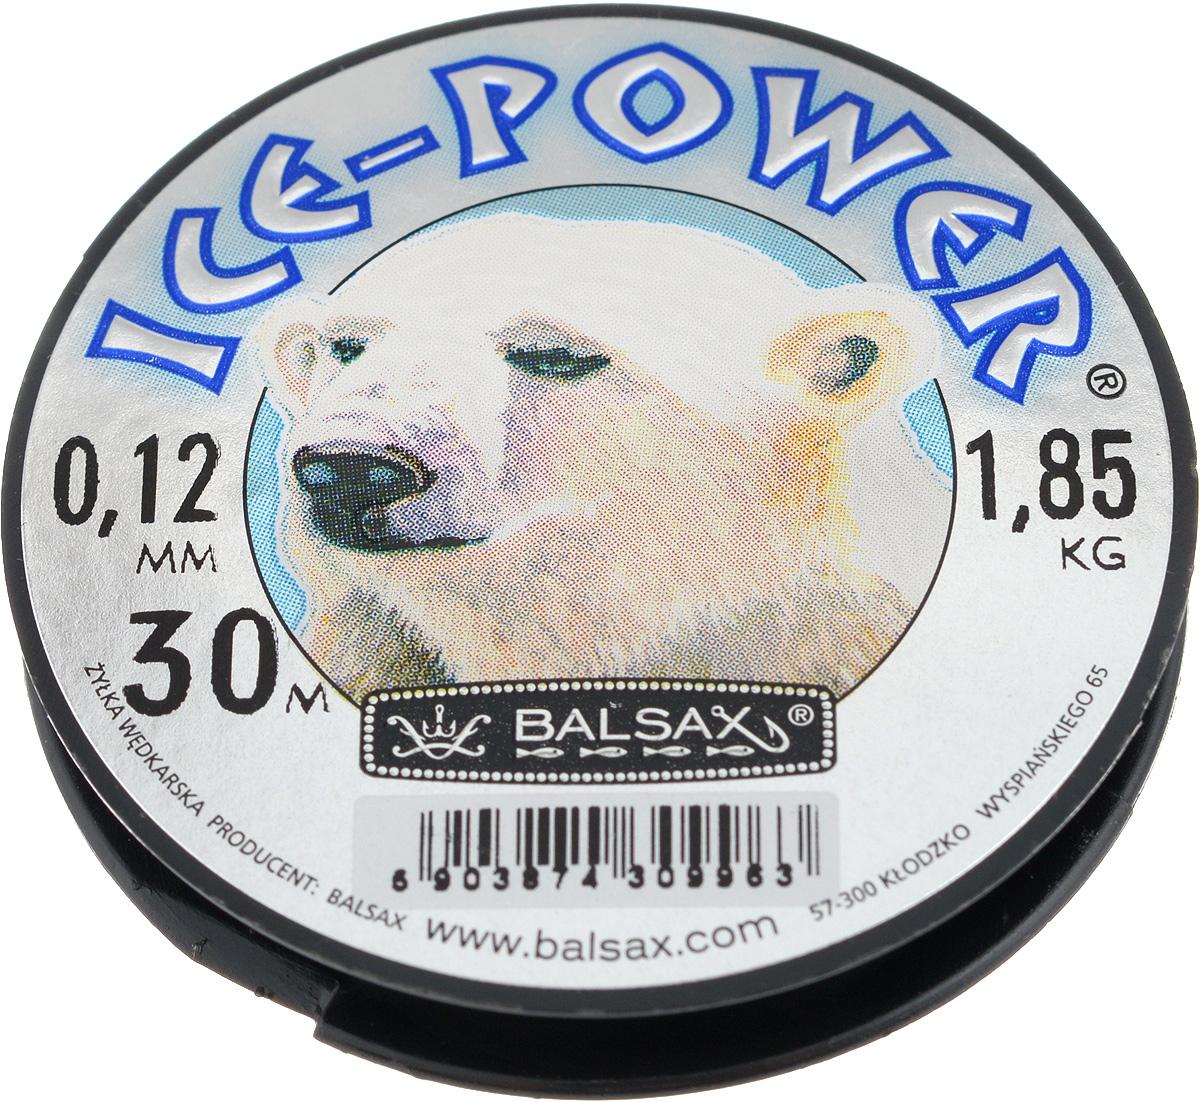 Леска зимняя Balsax Ice Power, 30 м, 0,12 мм, 1,85 кг48311Леска Balsax Ice Power изготовлена из 100% нейлона и очень хорошо выдерживает низкие температуры. Даже в самом холодном климате, при температуре вплоть до -40°C, она сохраняет свои свойства практически без изменений, в то время как традиционные лески становятся менее эластичными и теряют прочность.Поверхность лески обработана таким образом, что она не обмерзает и отлично подходит для подледного лова. Прочна в местах вязки узлов даже при минимальном диаметре.